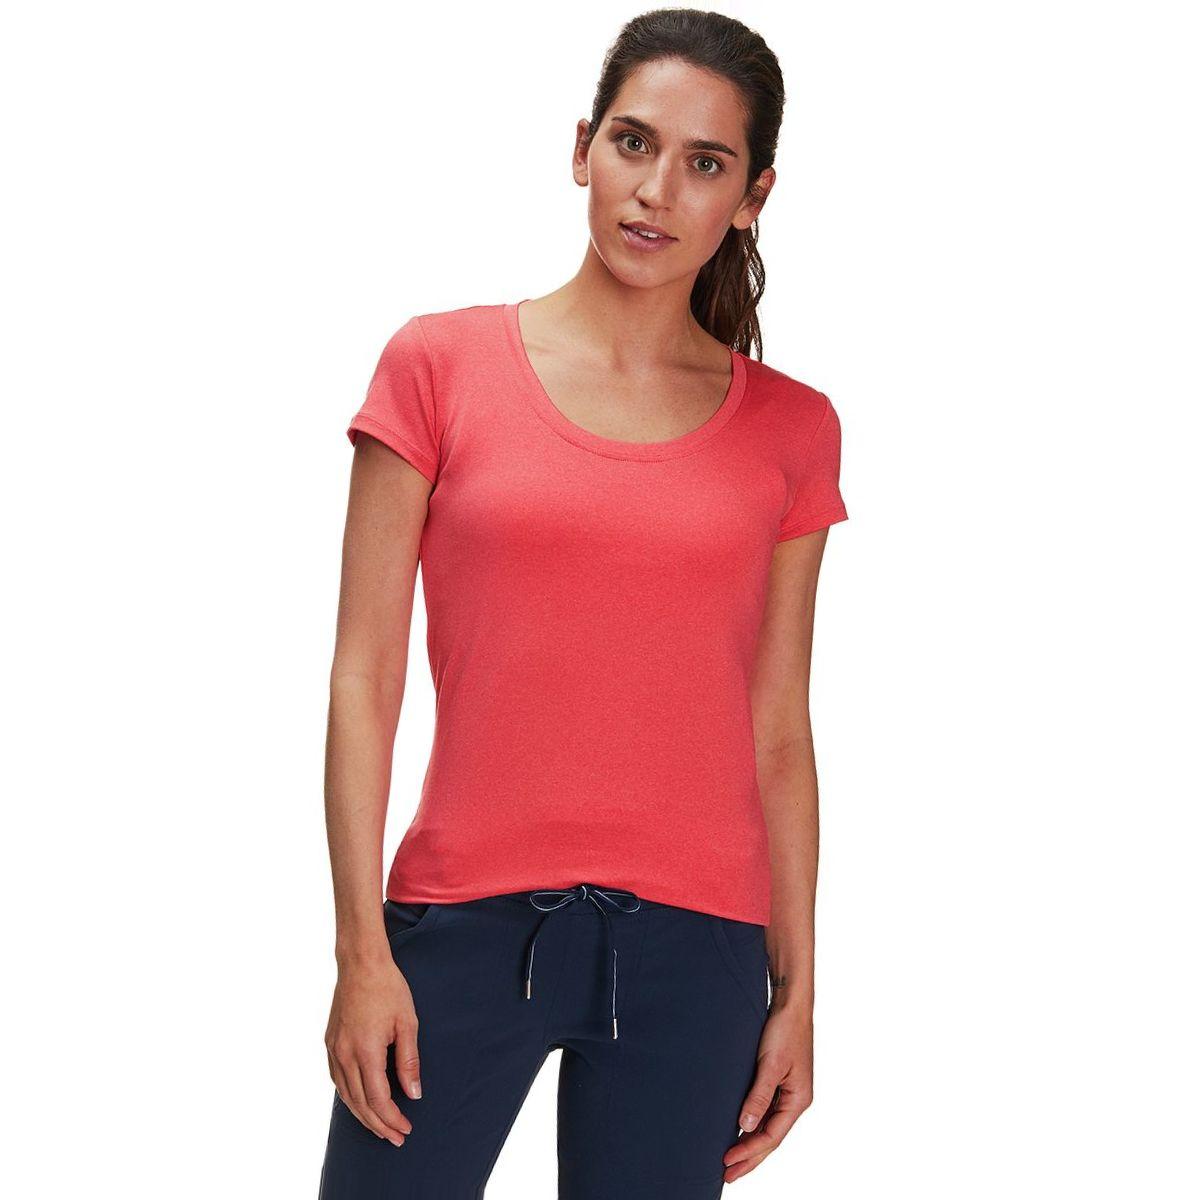 Marmot All Around T-Shirt - Women's